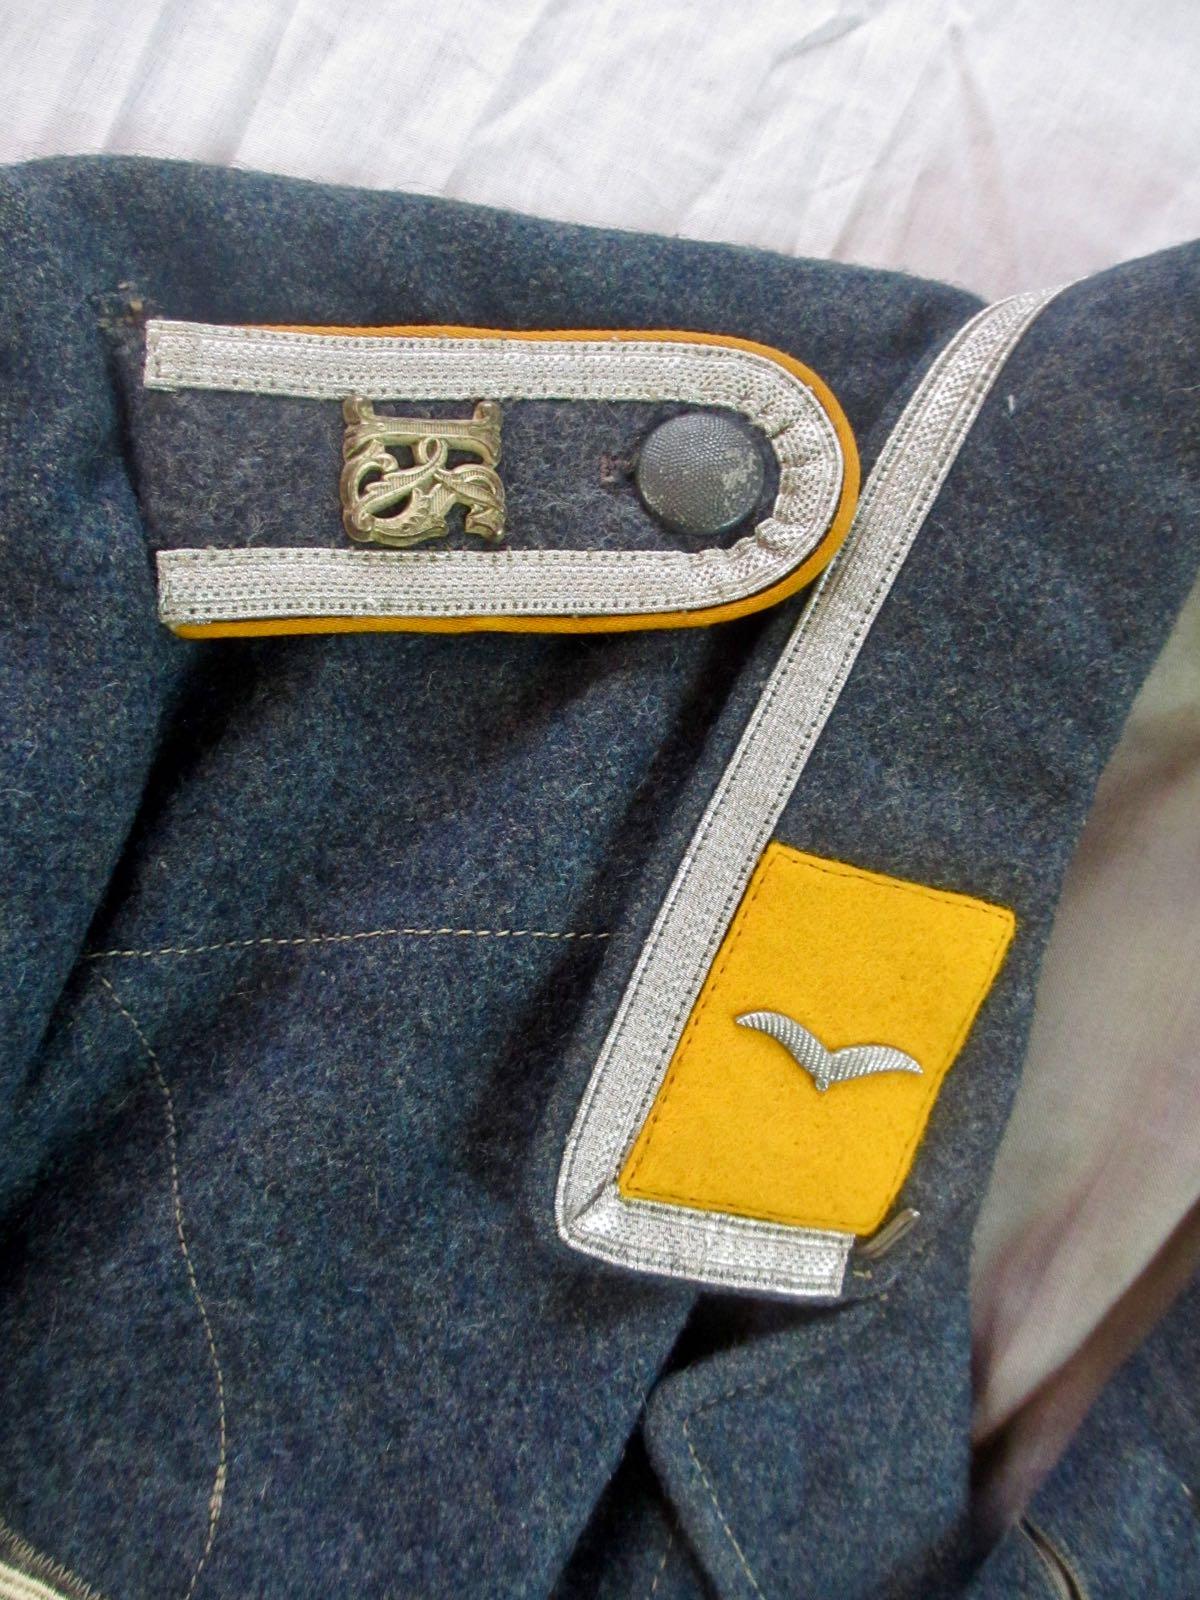 Luftwaffe Flieger blouse